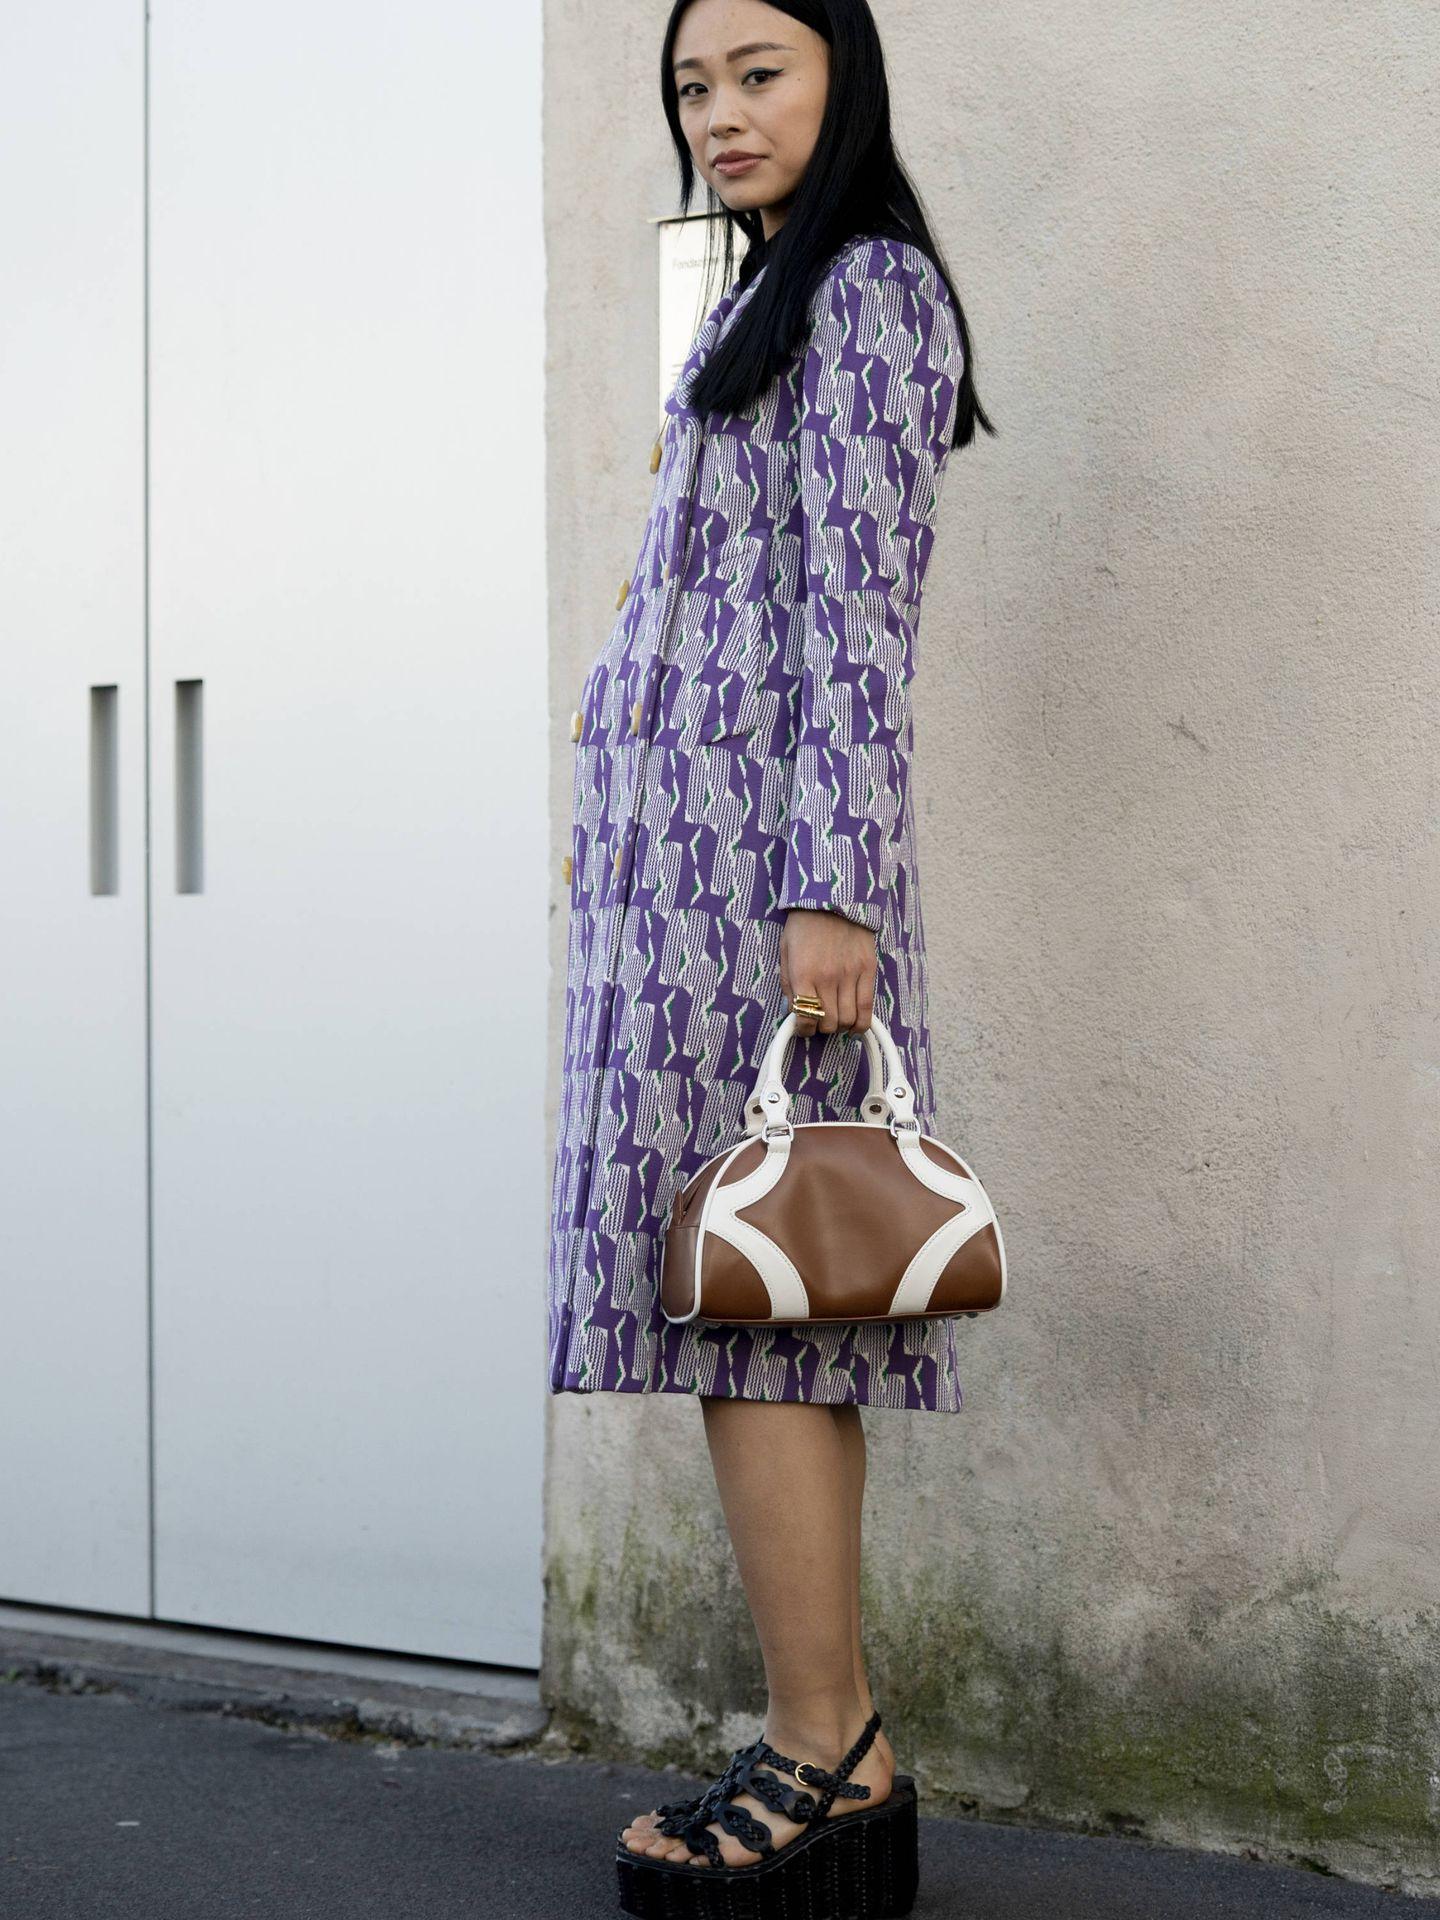 Un vestido con print en tonos lila. (Imaxtree)